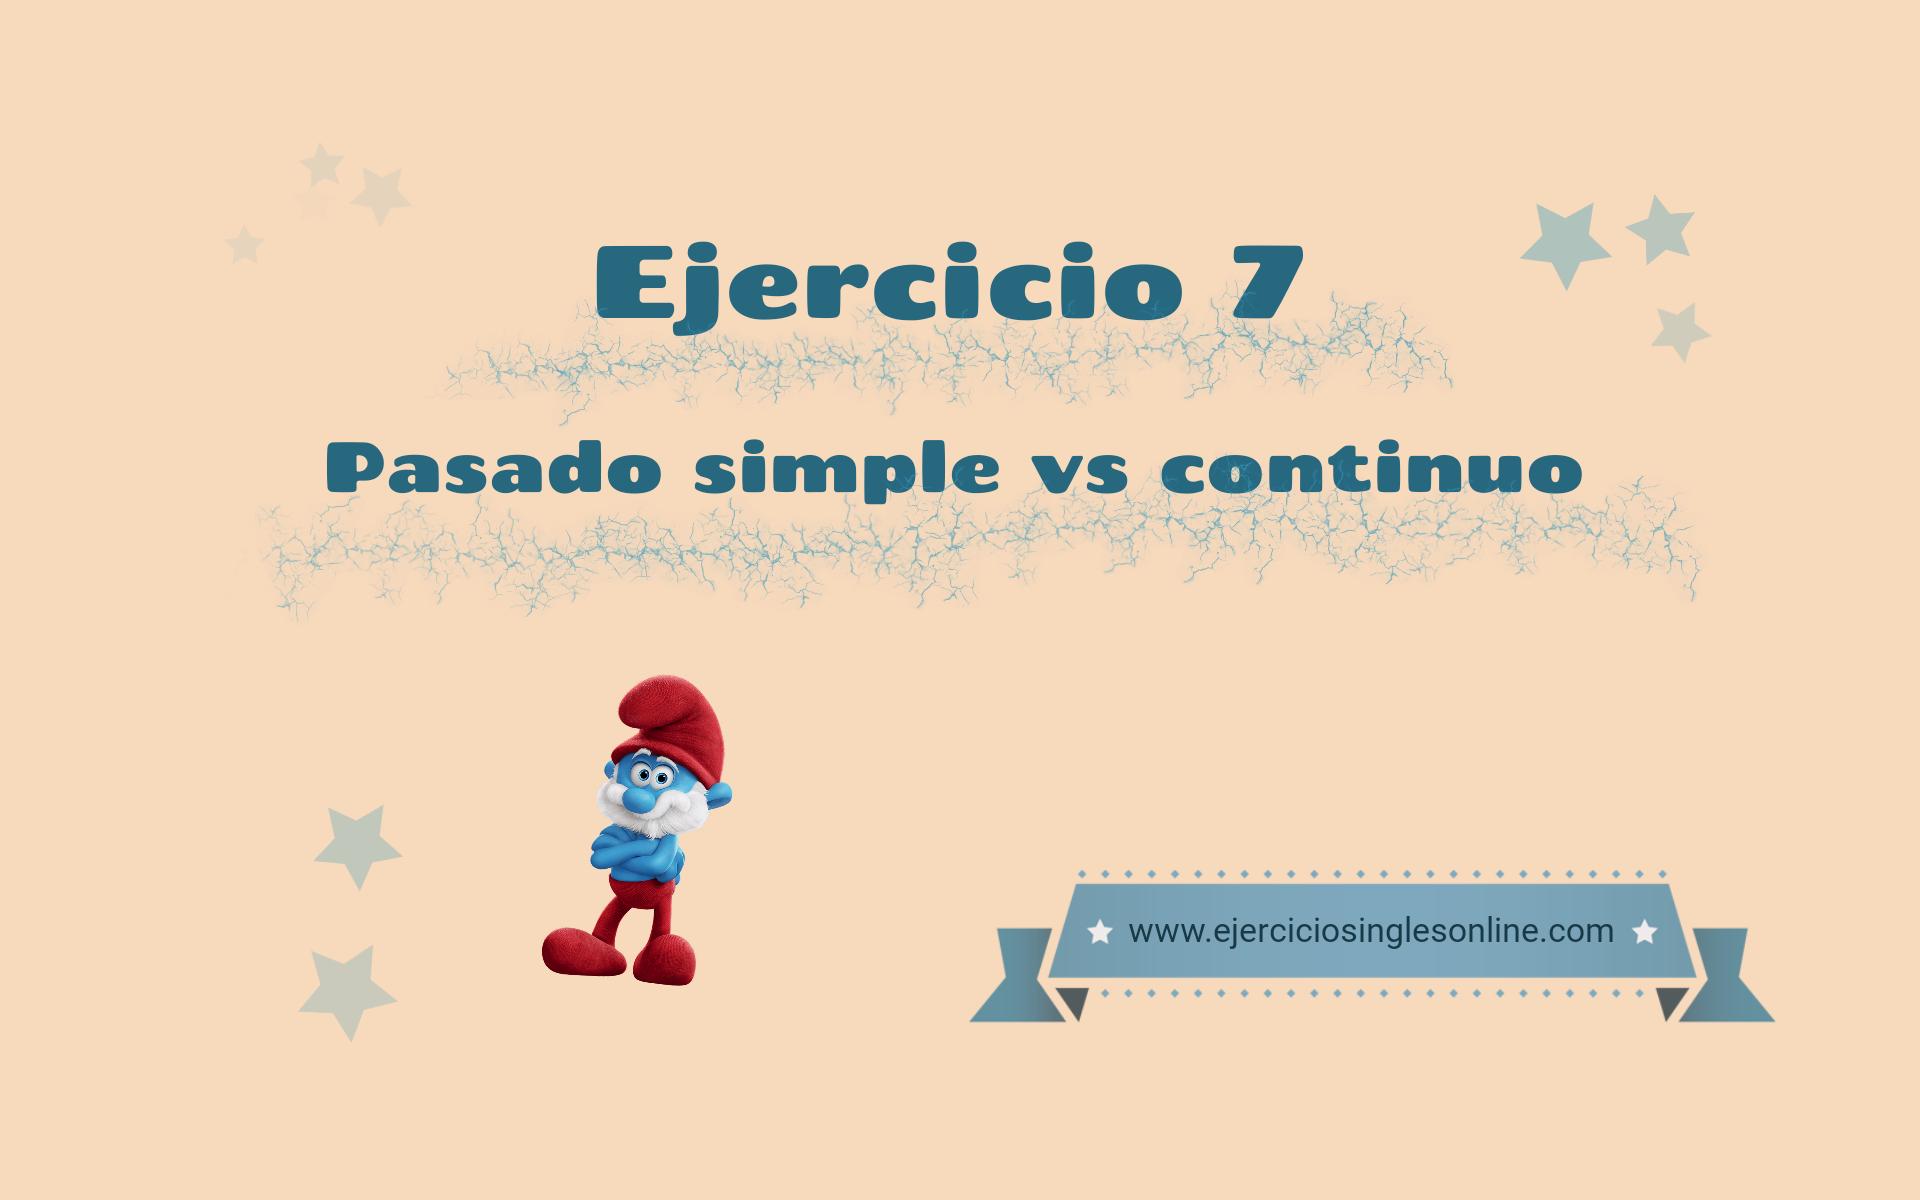 Pasado simple vs continuo - Ejercicio 7